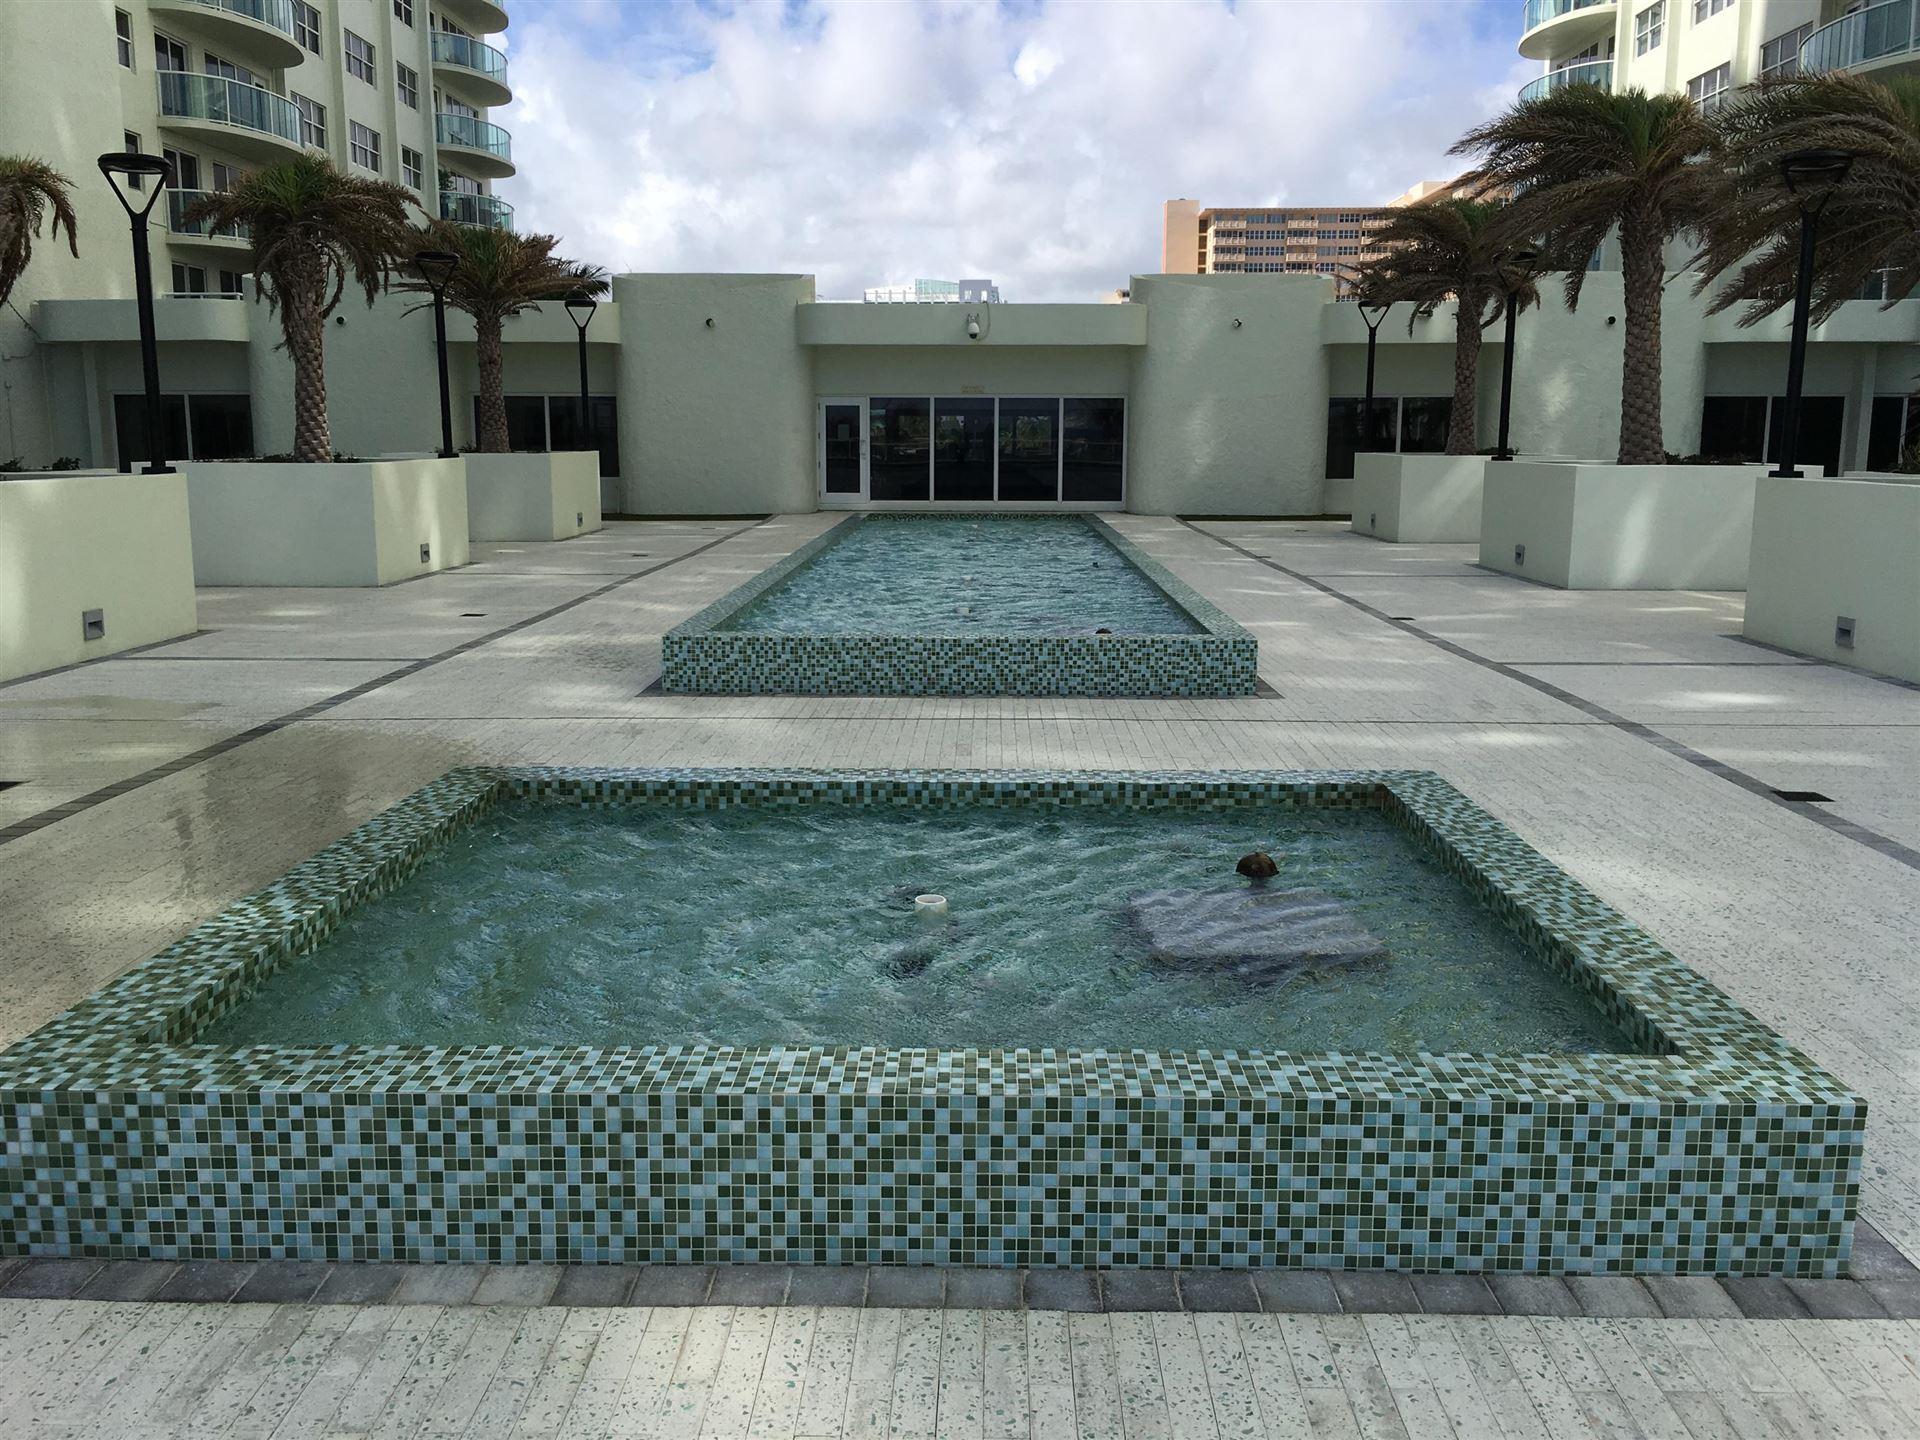 Photo of 3410 Galt Ocean Drive #211n, Fort Lauderdale, FL 33308 (MLS # RX-10628345)